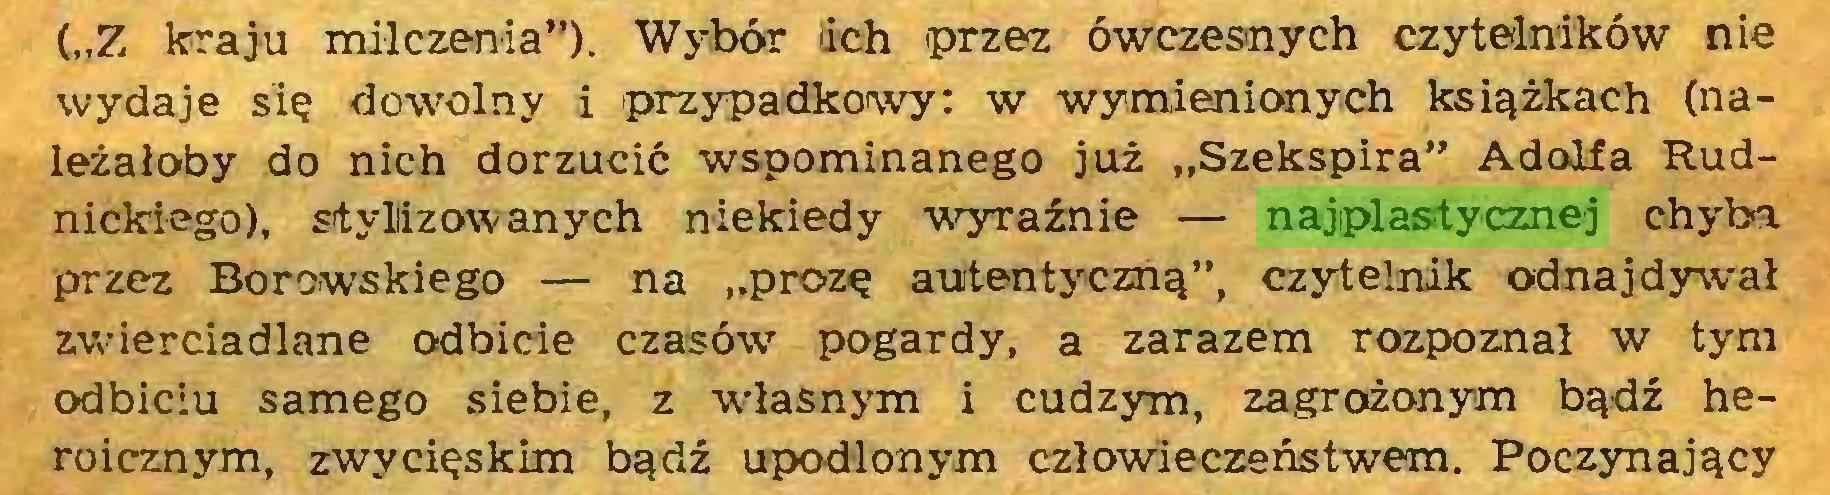 """(...) (""""Z kraju milczenia""""). Wybór lich przez ówczesnych czytelników nie wydaje się dowolny i przypadkowy: w wymienionych książkach (należałoby do nich dorzucić wspominanego już """"Szekspira"""" Adolfa Rudnickiego), stylizowanych niekiedy wyraźnie — najplastycznej chyba przez Borowskiego — na """"prozę autentyczną"""", czytelnik odnajdywał zwierciadlane odbicie czasów7 pogardy, a zarazem rozpoznał w tym odbiciu samego siebie, z własnym i cudzym, zagrożonym bądź heroicznym, zwycięskim bądź upodlonym człowieczeństwem. Poczynający..."""